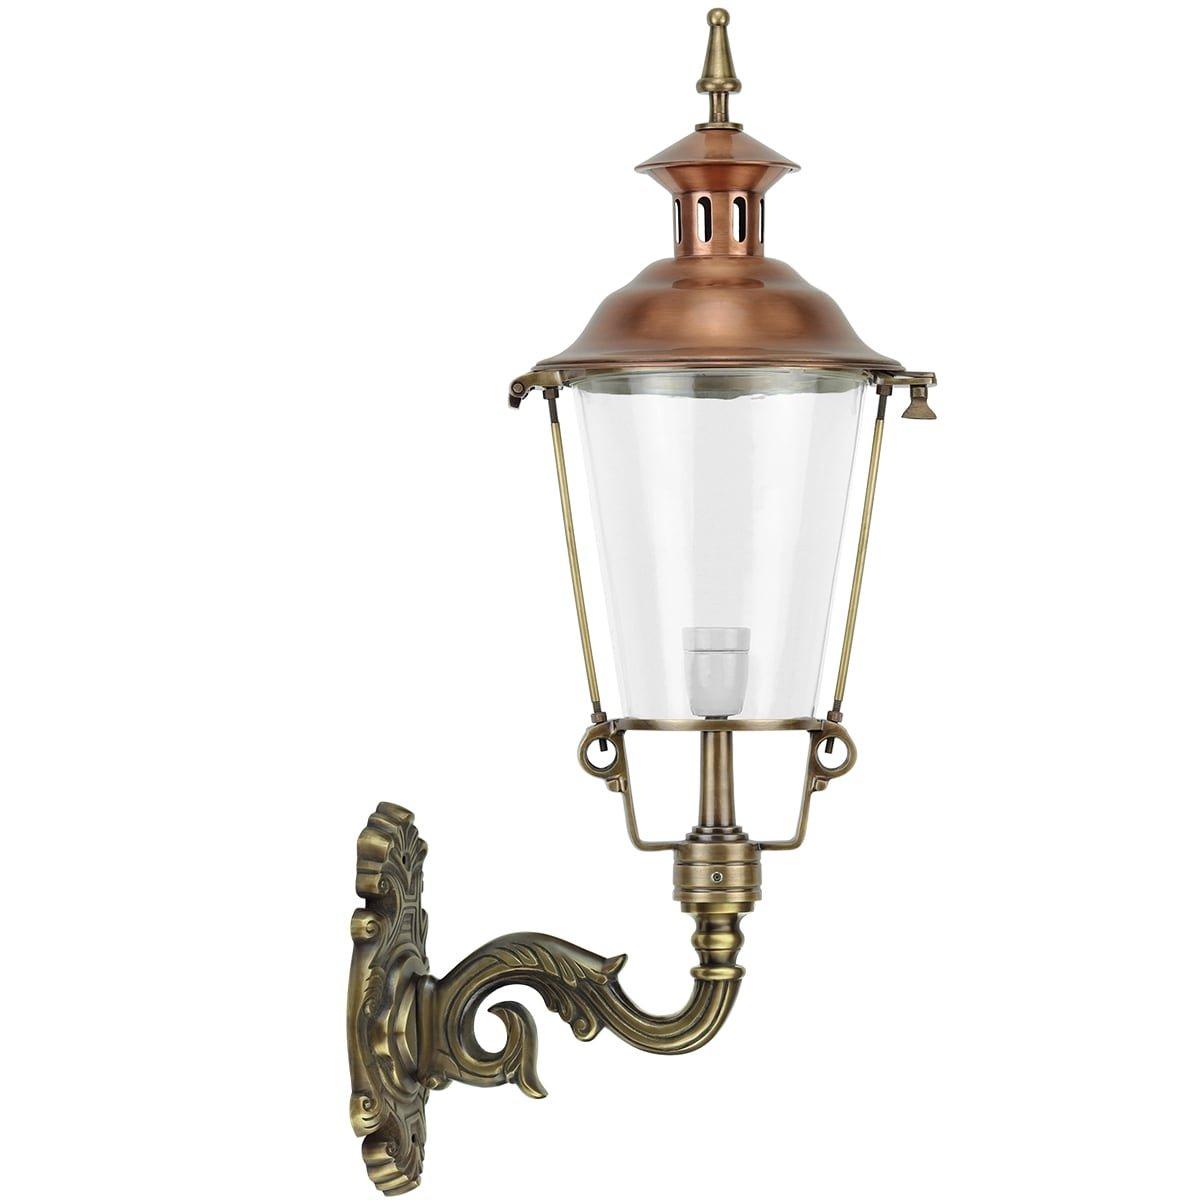 Außenbeleuchtung Klassisch Ländlich Haustür laterne Mariënvelde bronze - 90 cm